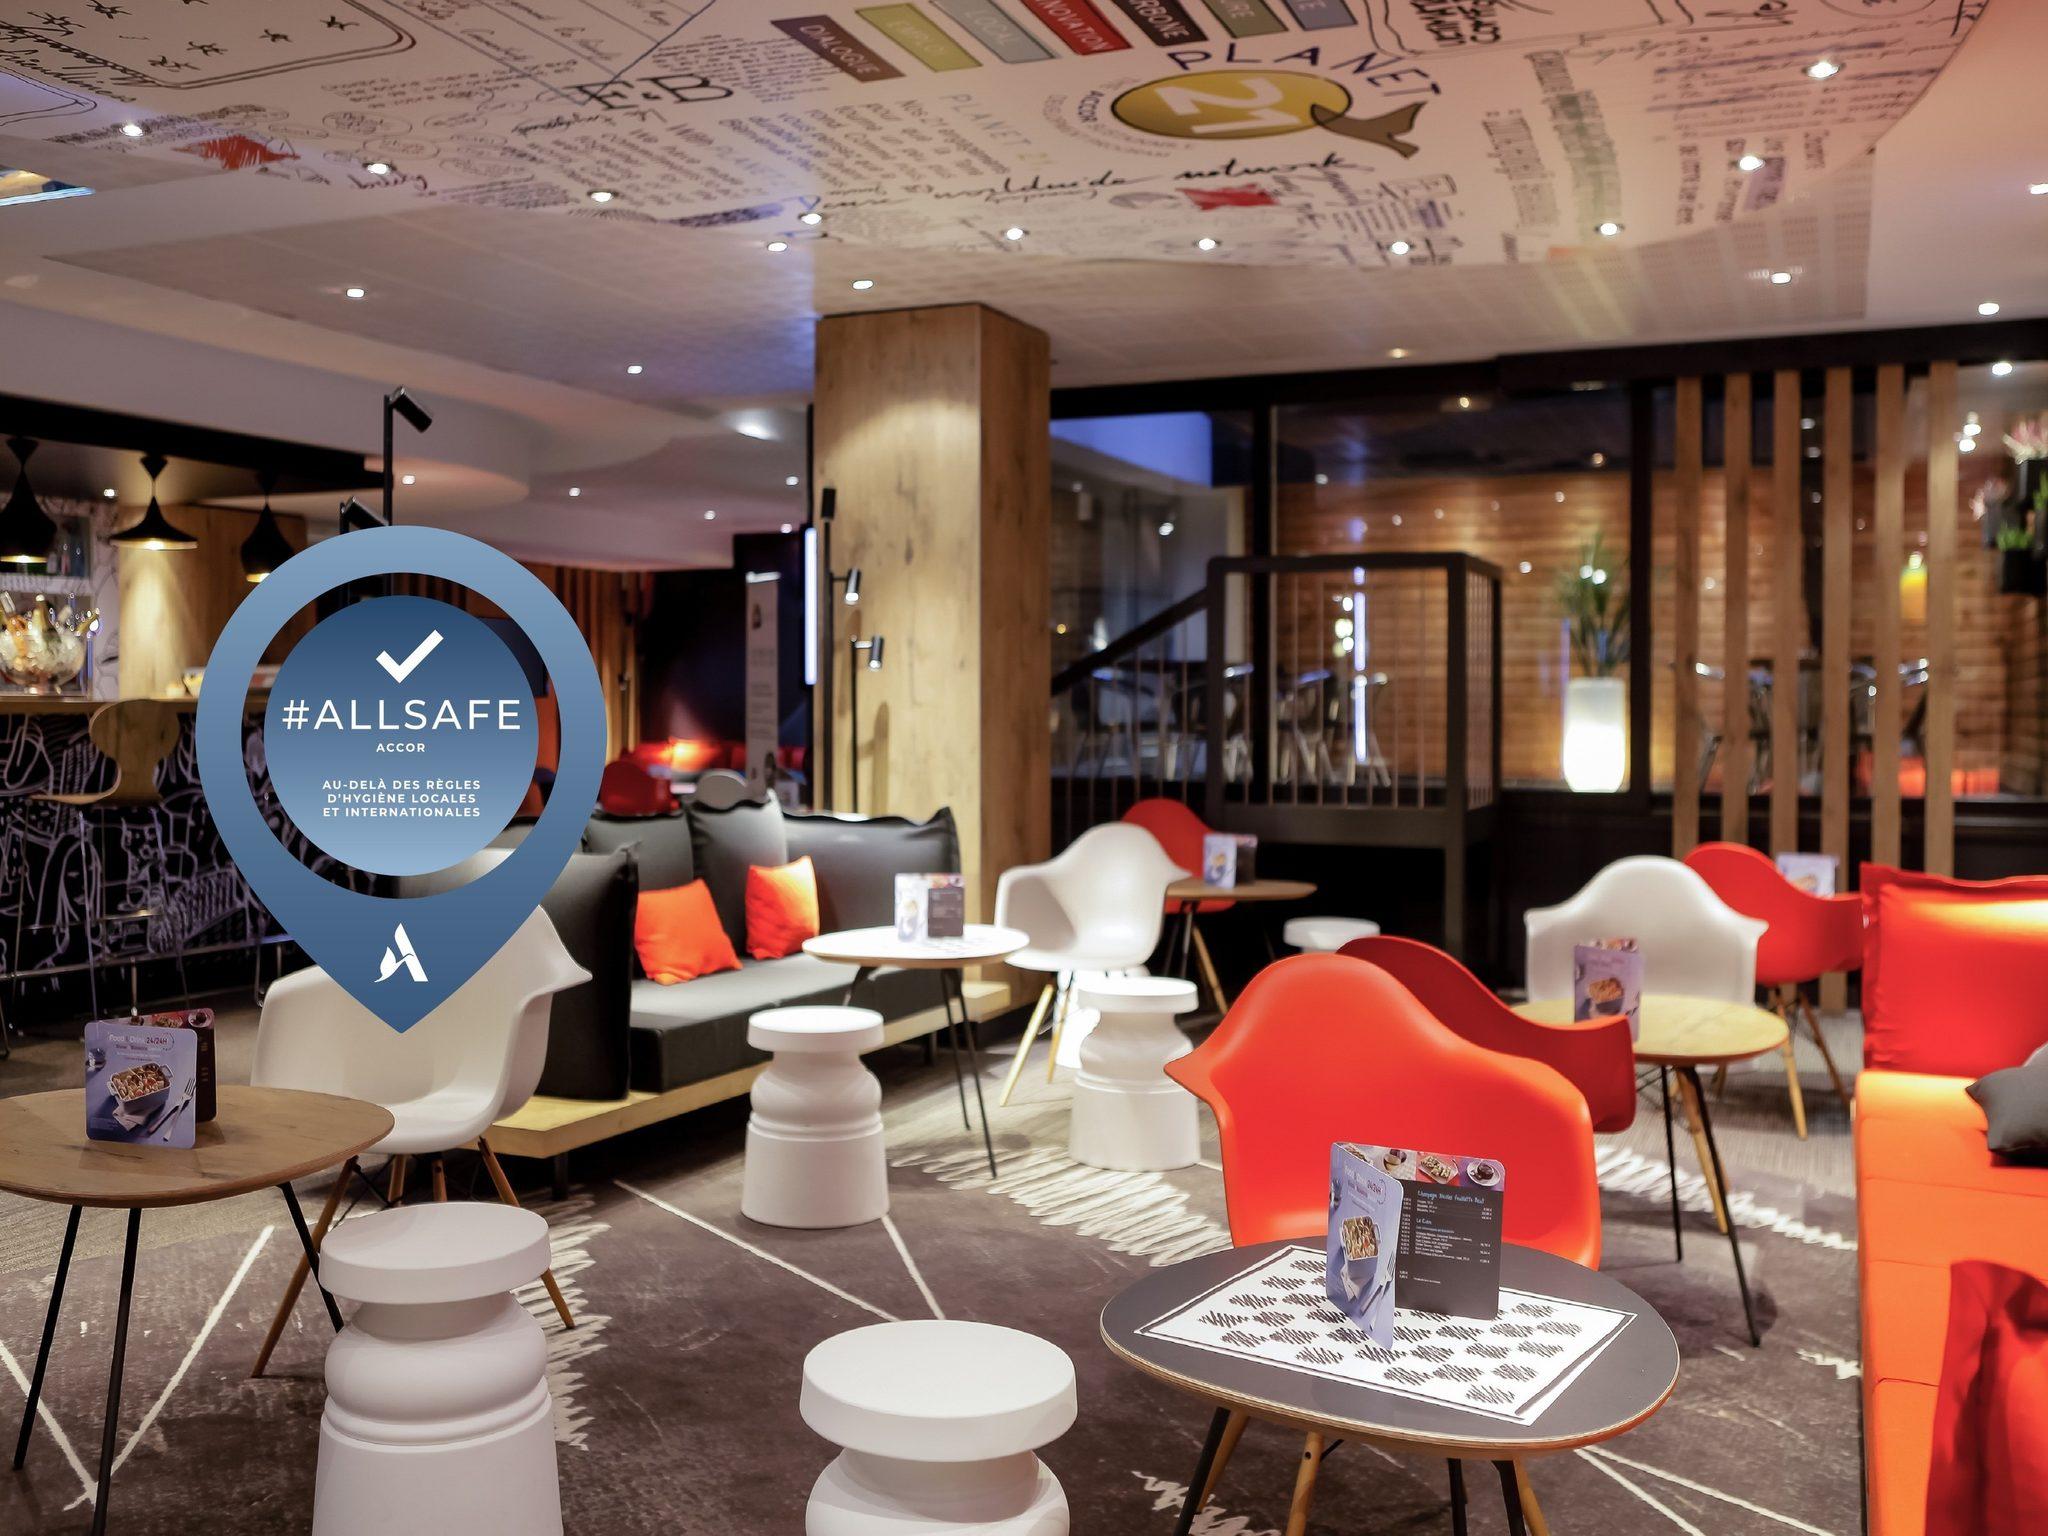 酒店 – 宜必思里昂 La Part Die 火车站酒店